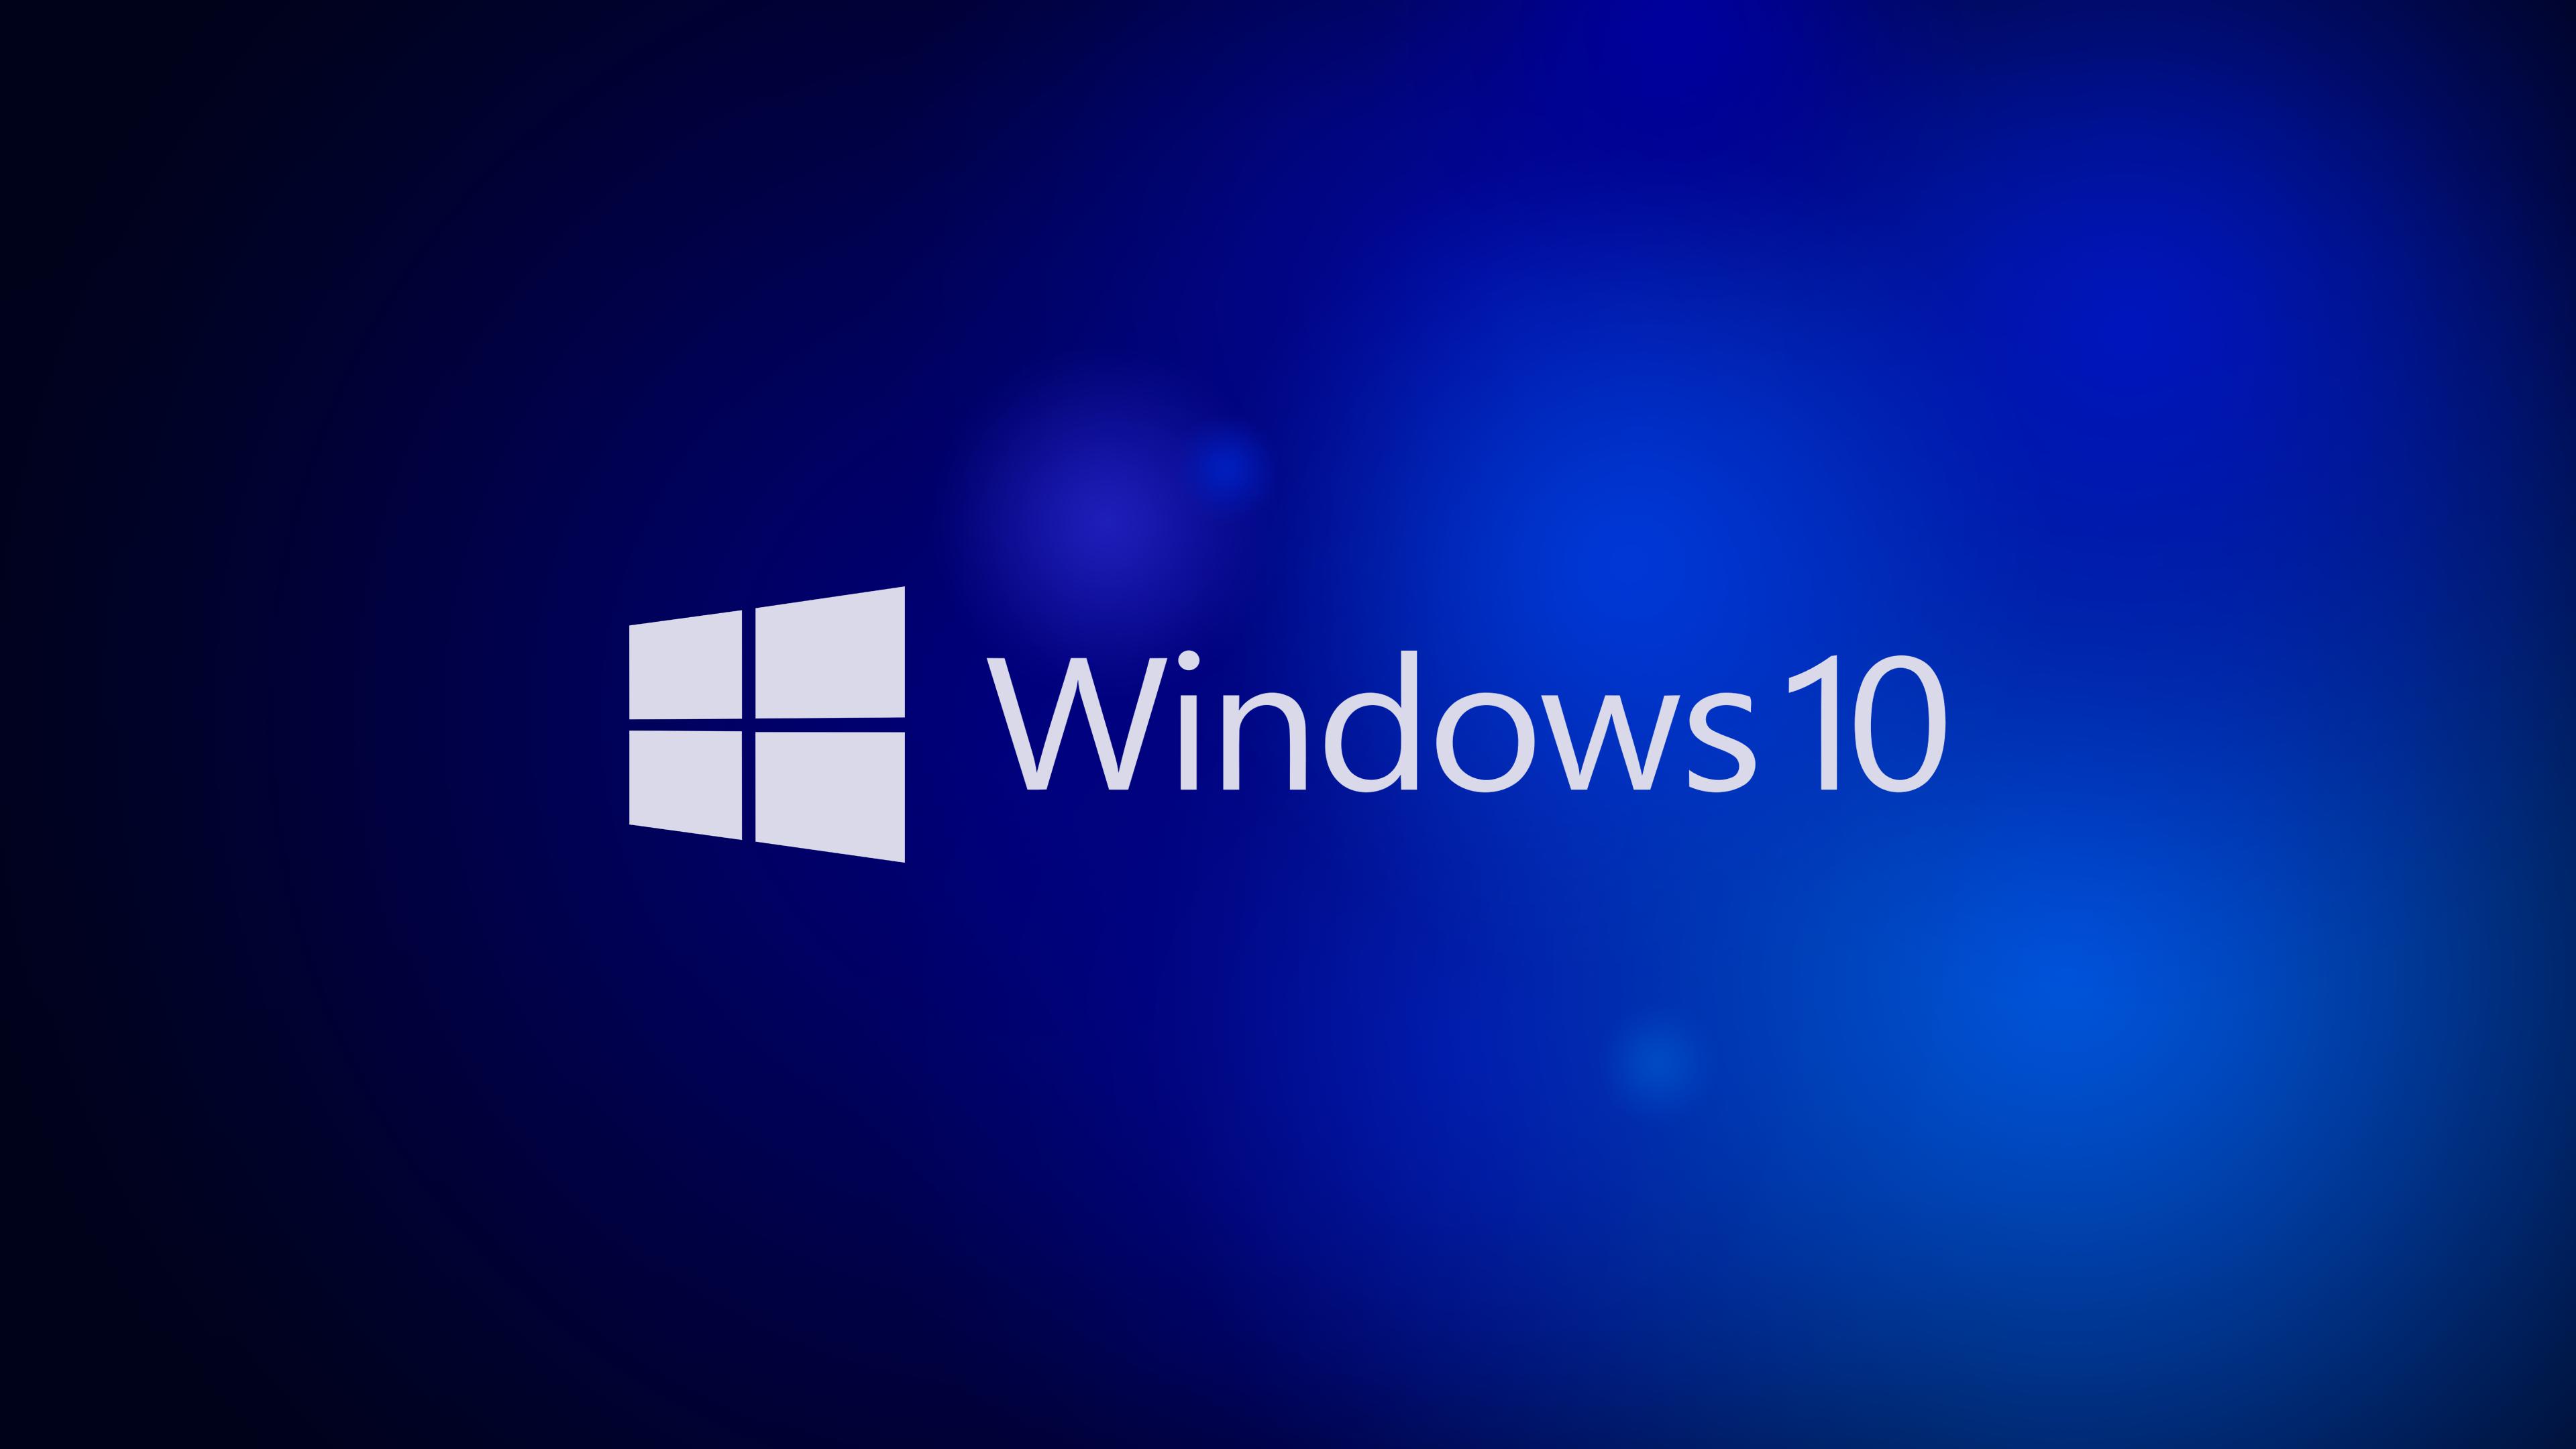 windows 10 4k wallpaper by rv770 on deviantart